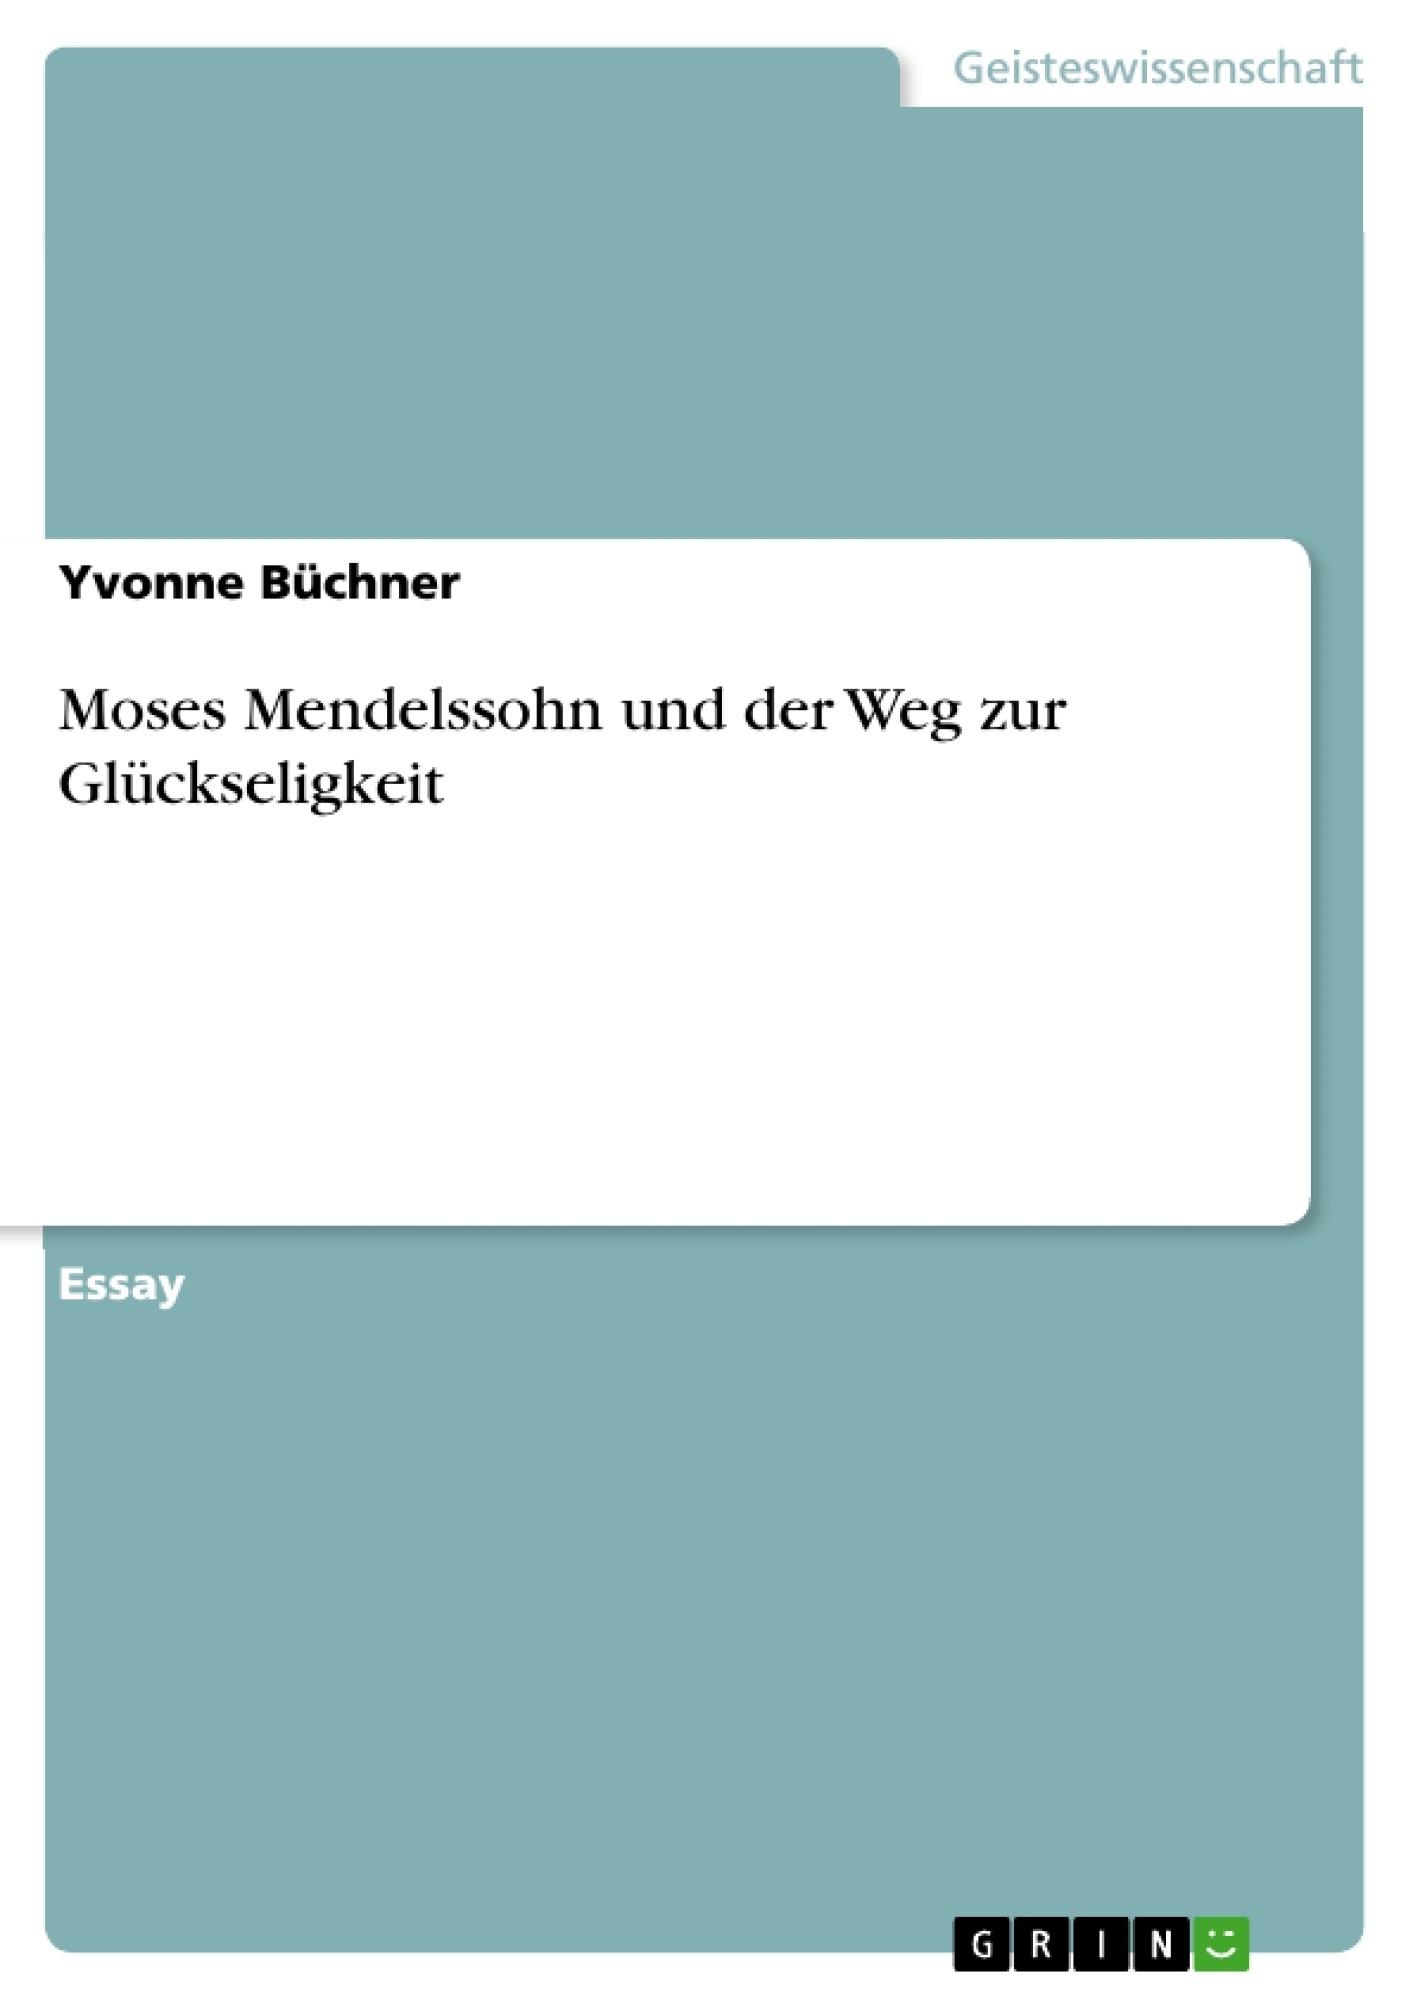 Titel: Moses Mendelssohn und der Weg zur Glückseligkeit